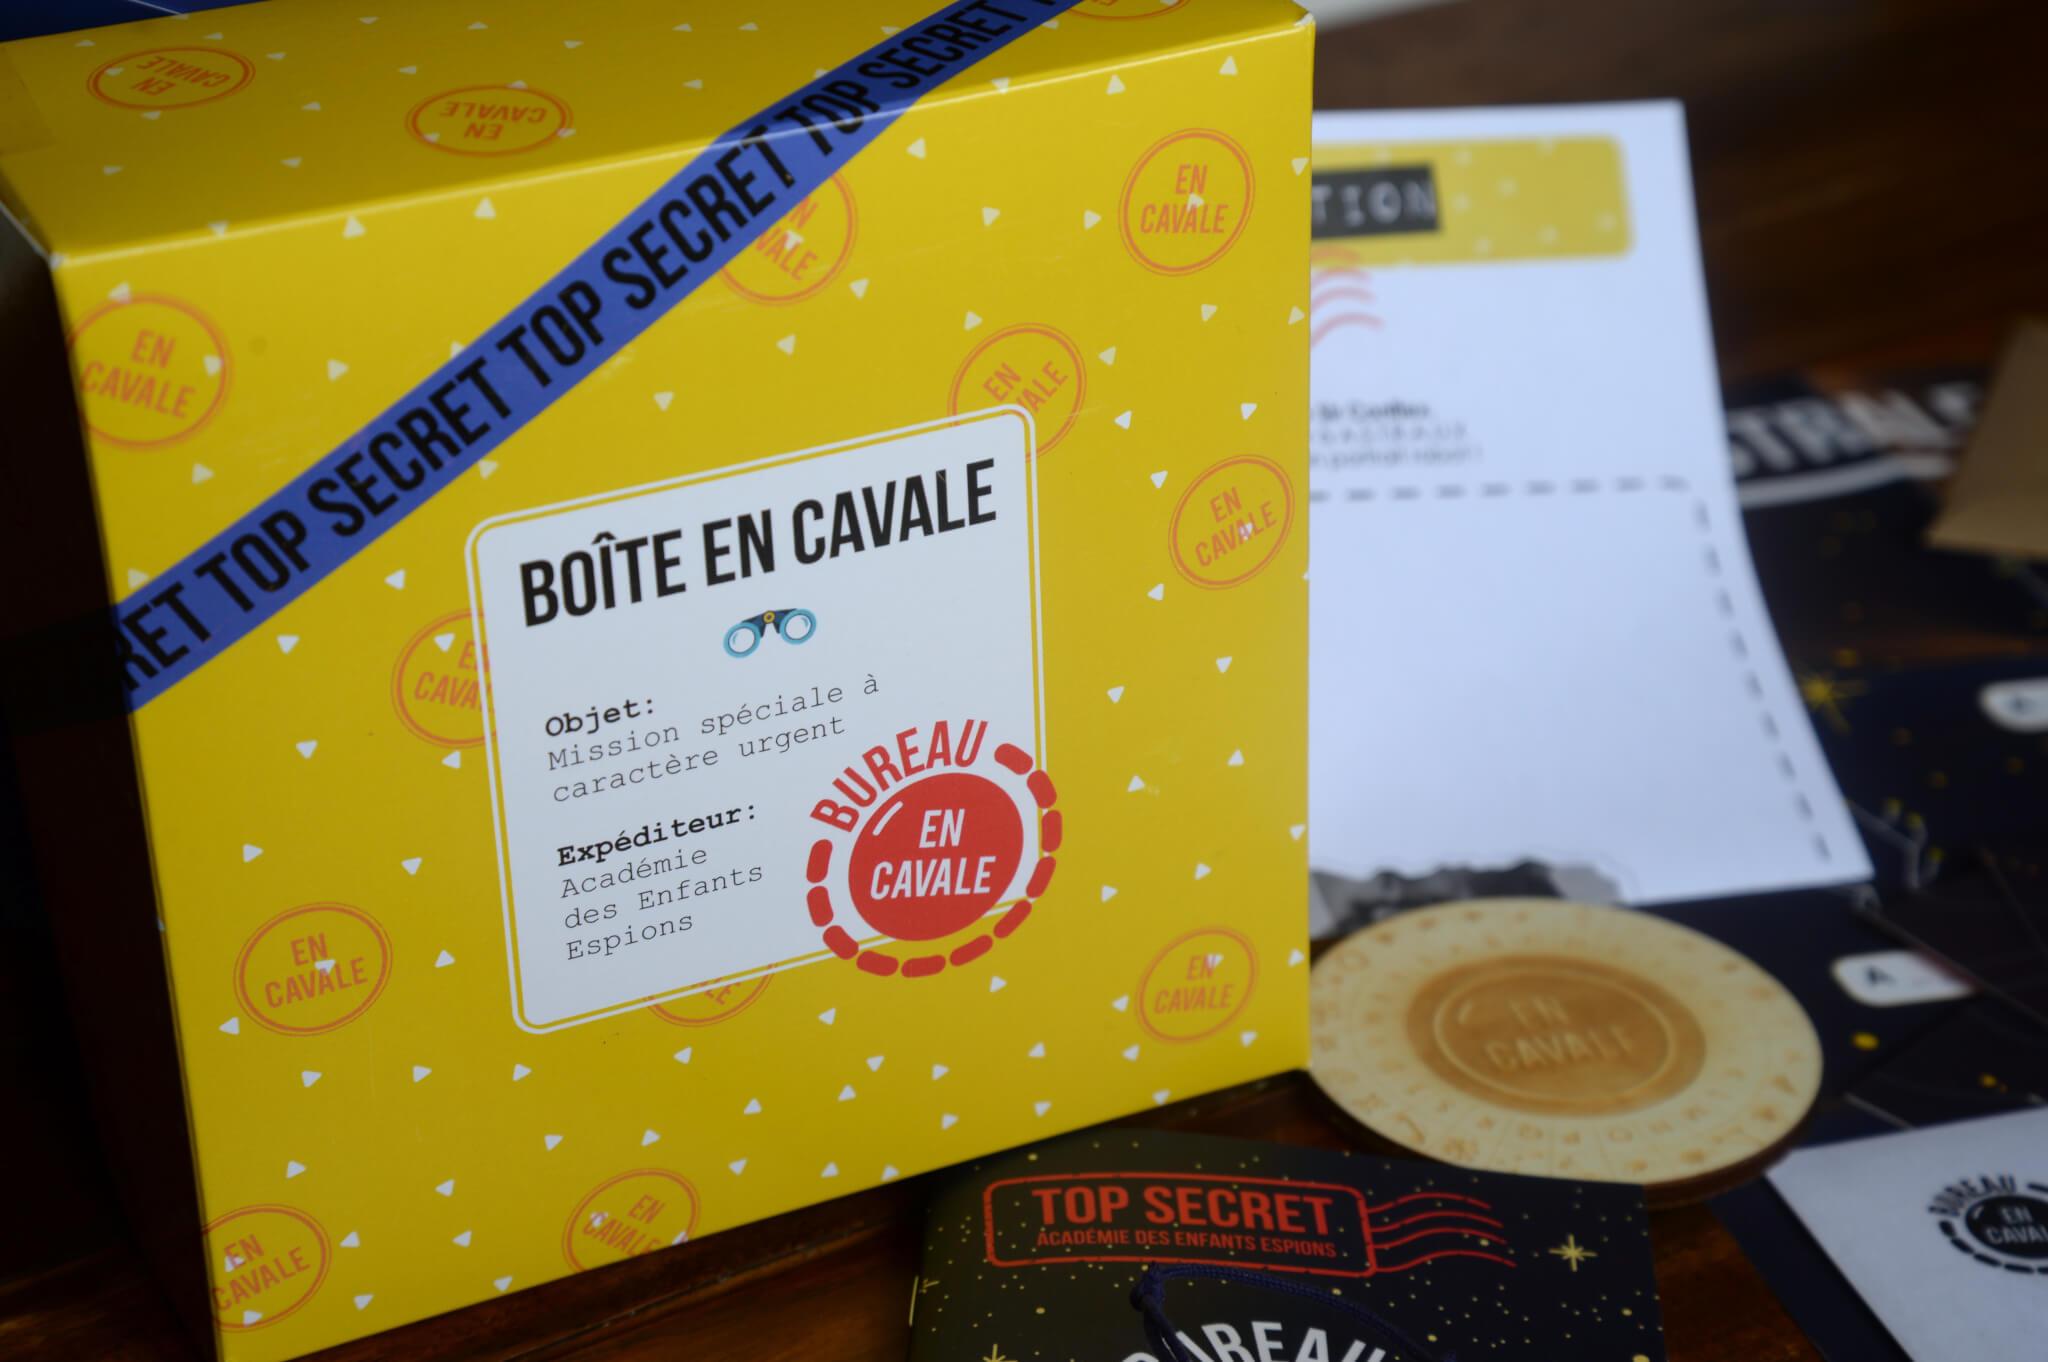 Emballage de En Cavale